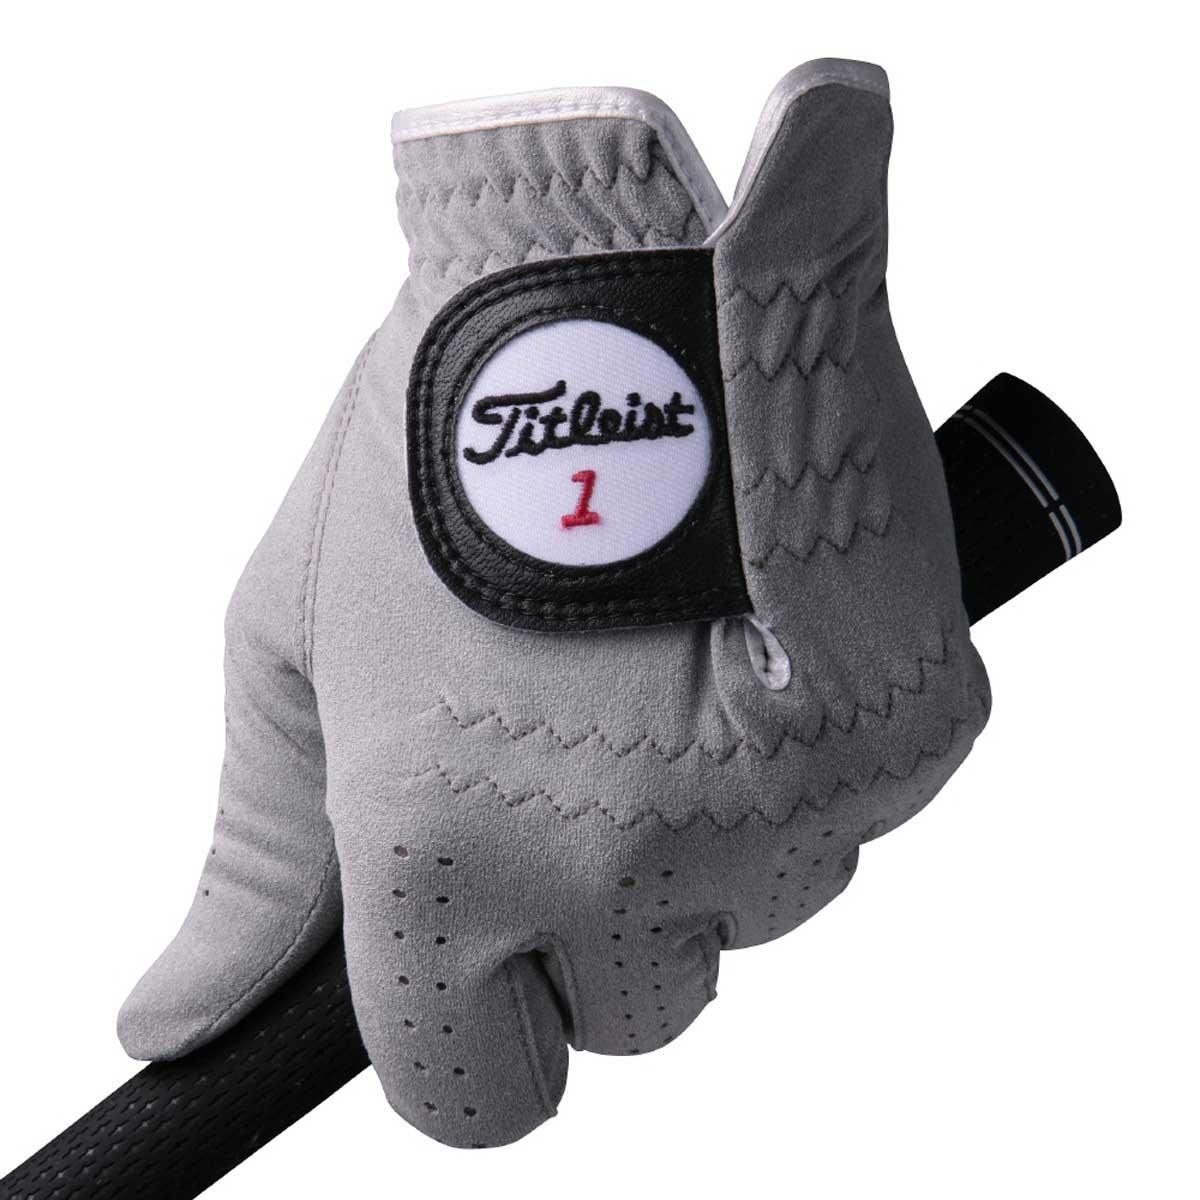 タイトリスト TITLEIST 16 プロフェッショナルテックグローブ 22cm 左手着用(右利き用) グレー